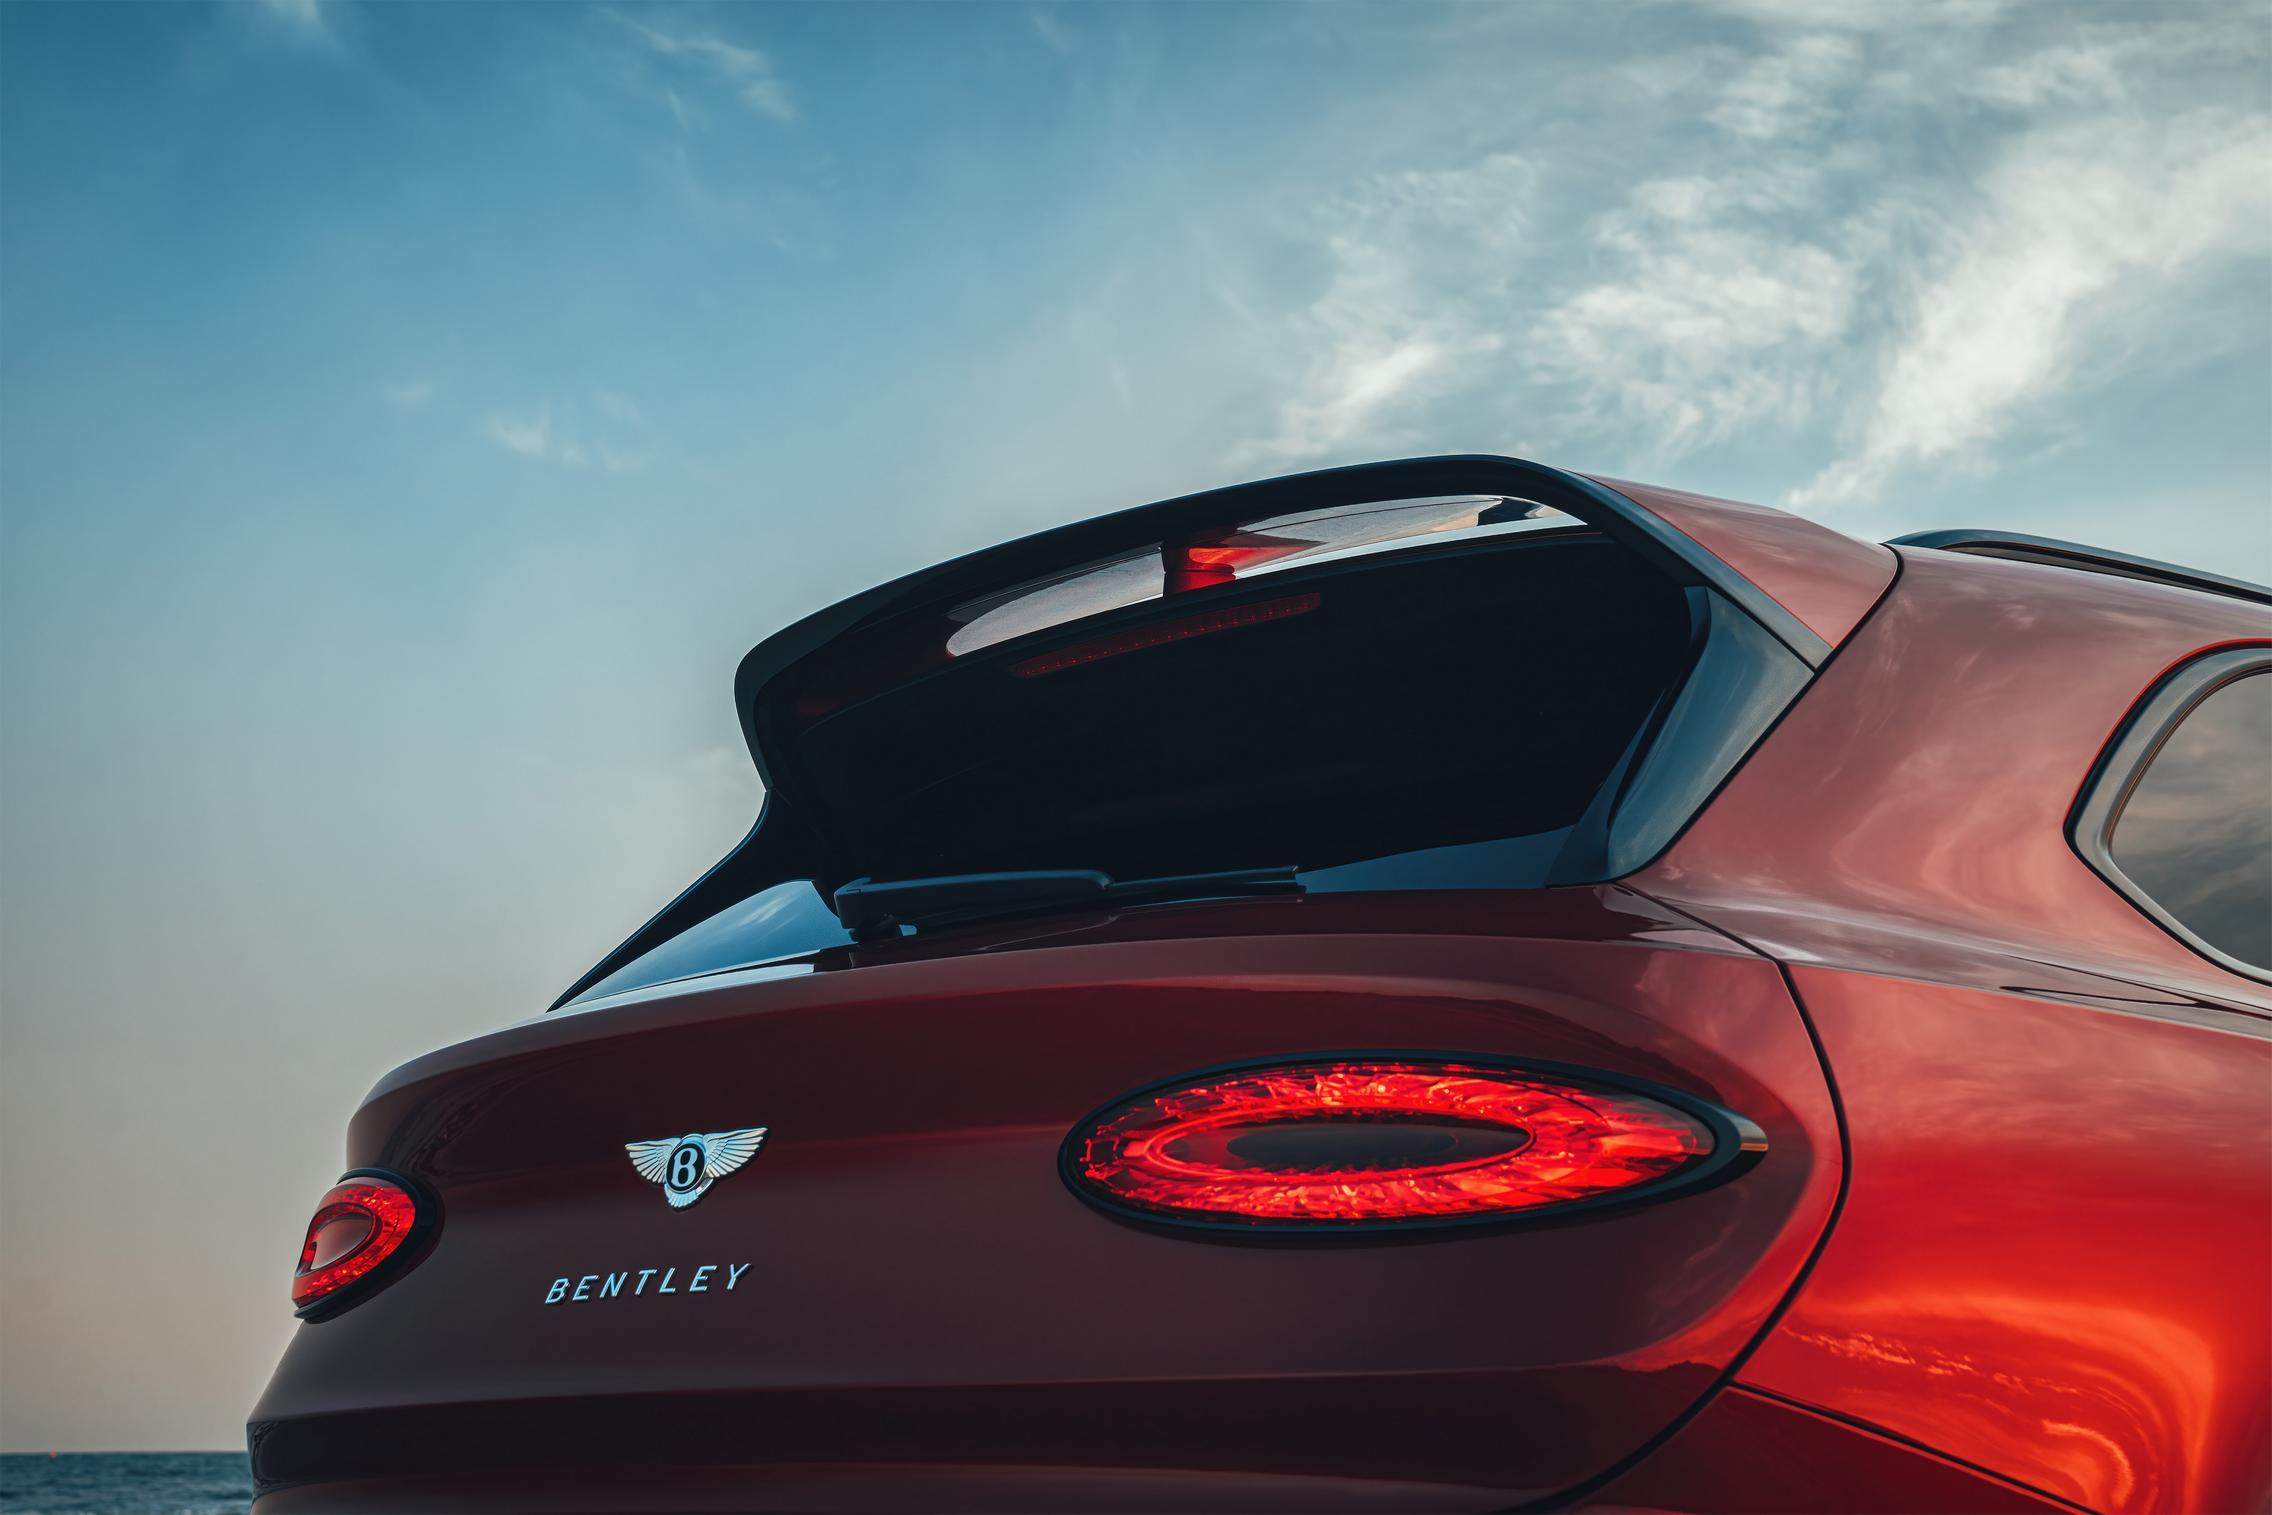 2021 Bentley Bentayga S rear lights